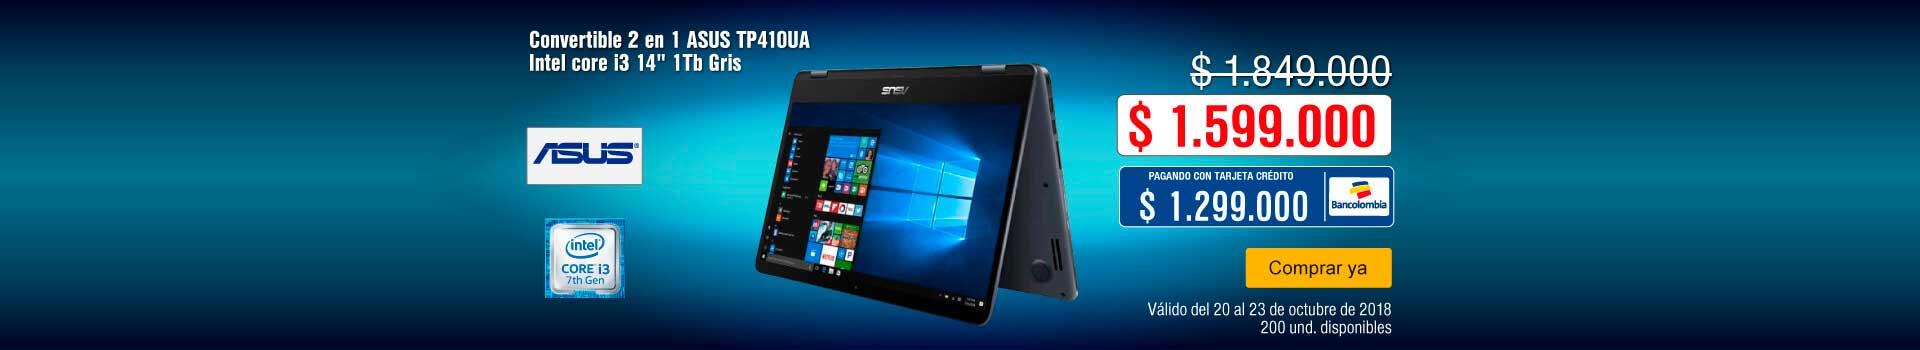 KT-HIPER-2-computadores y tablets-PP---Asus-2en1 TP410UA-Oct20